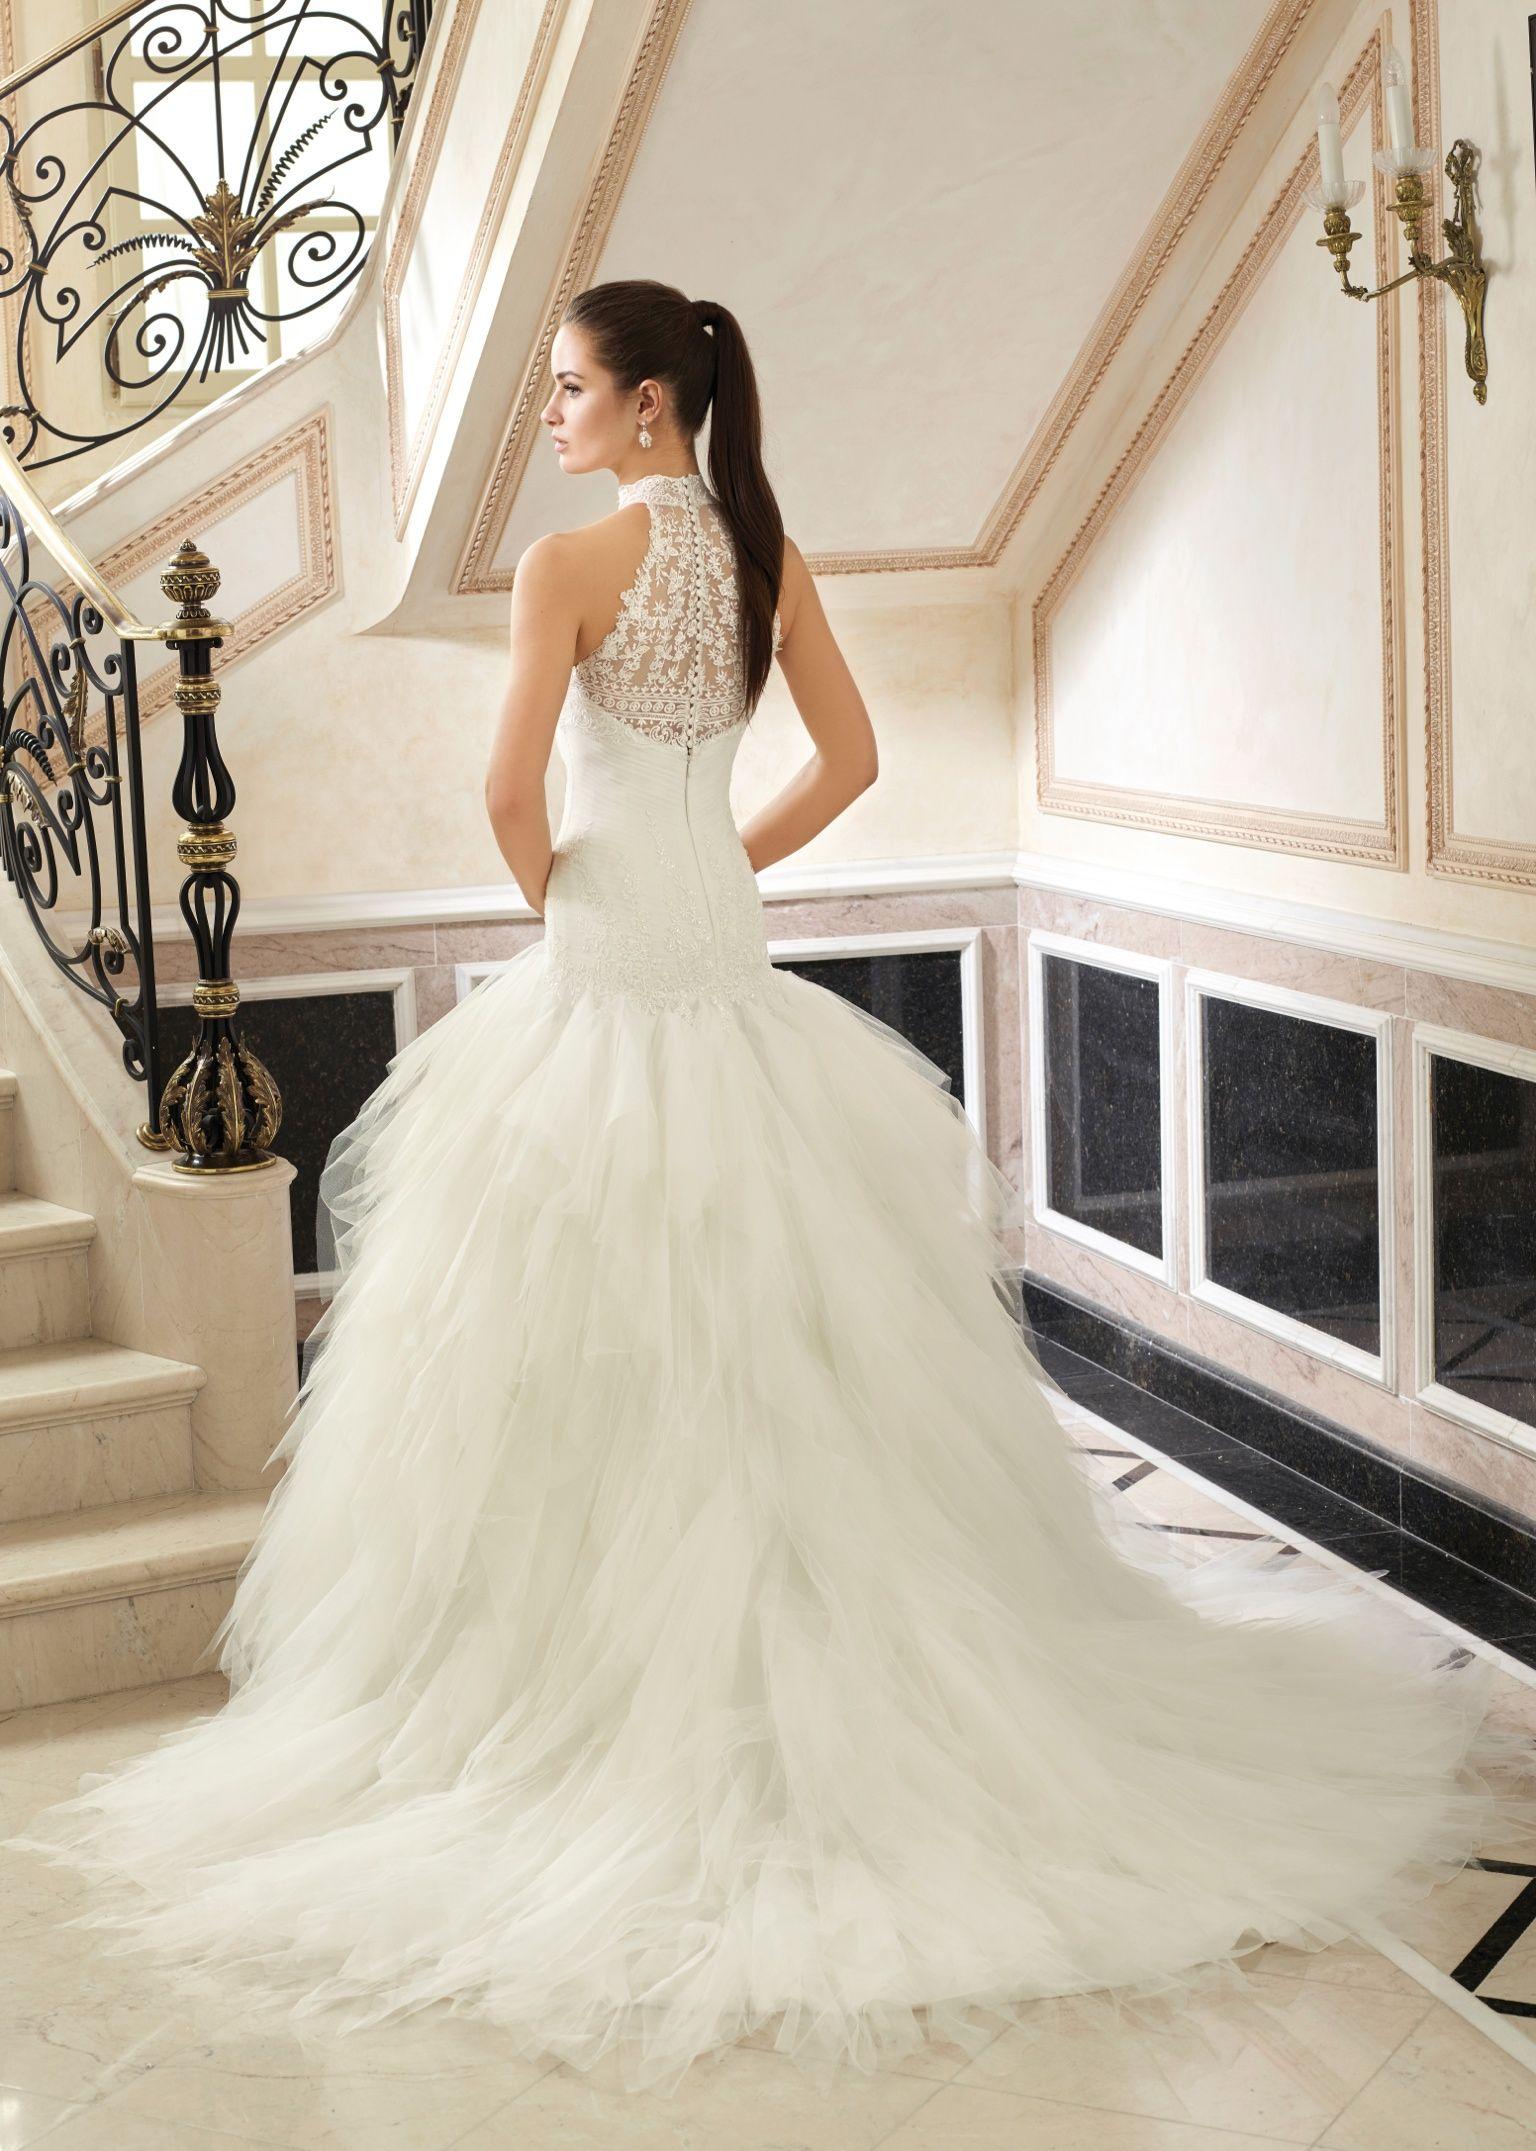 Traumhafte Brautkleider aus der Kollektion Miss Kelly 2018 in Köln ...